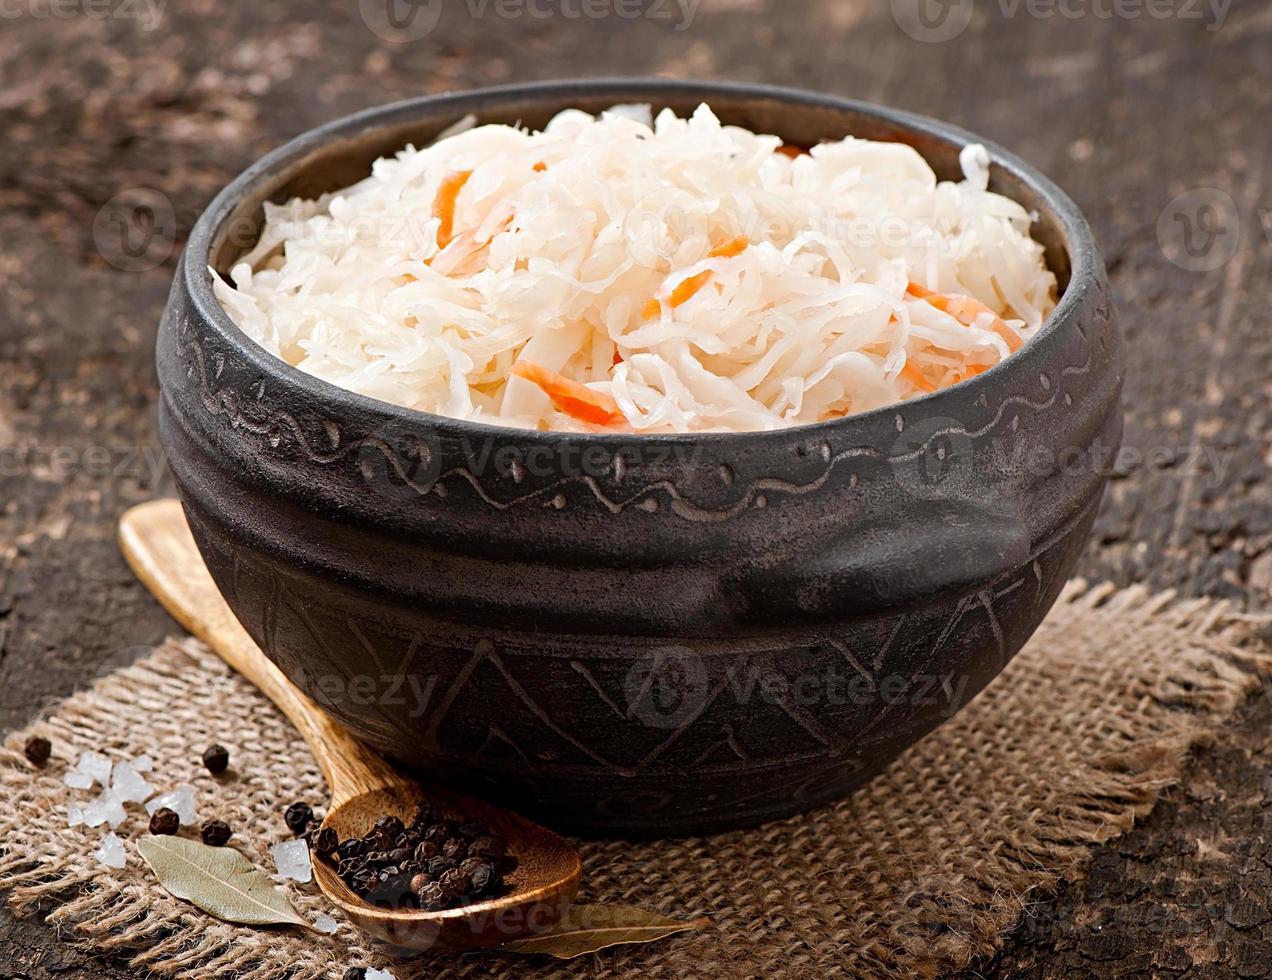 crauti con carota in ciotola di legno foto